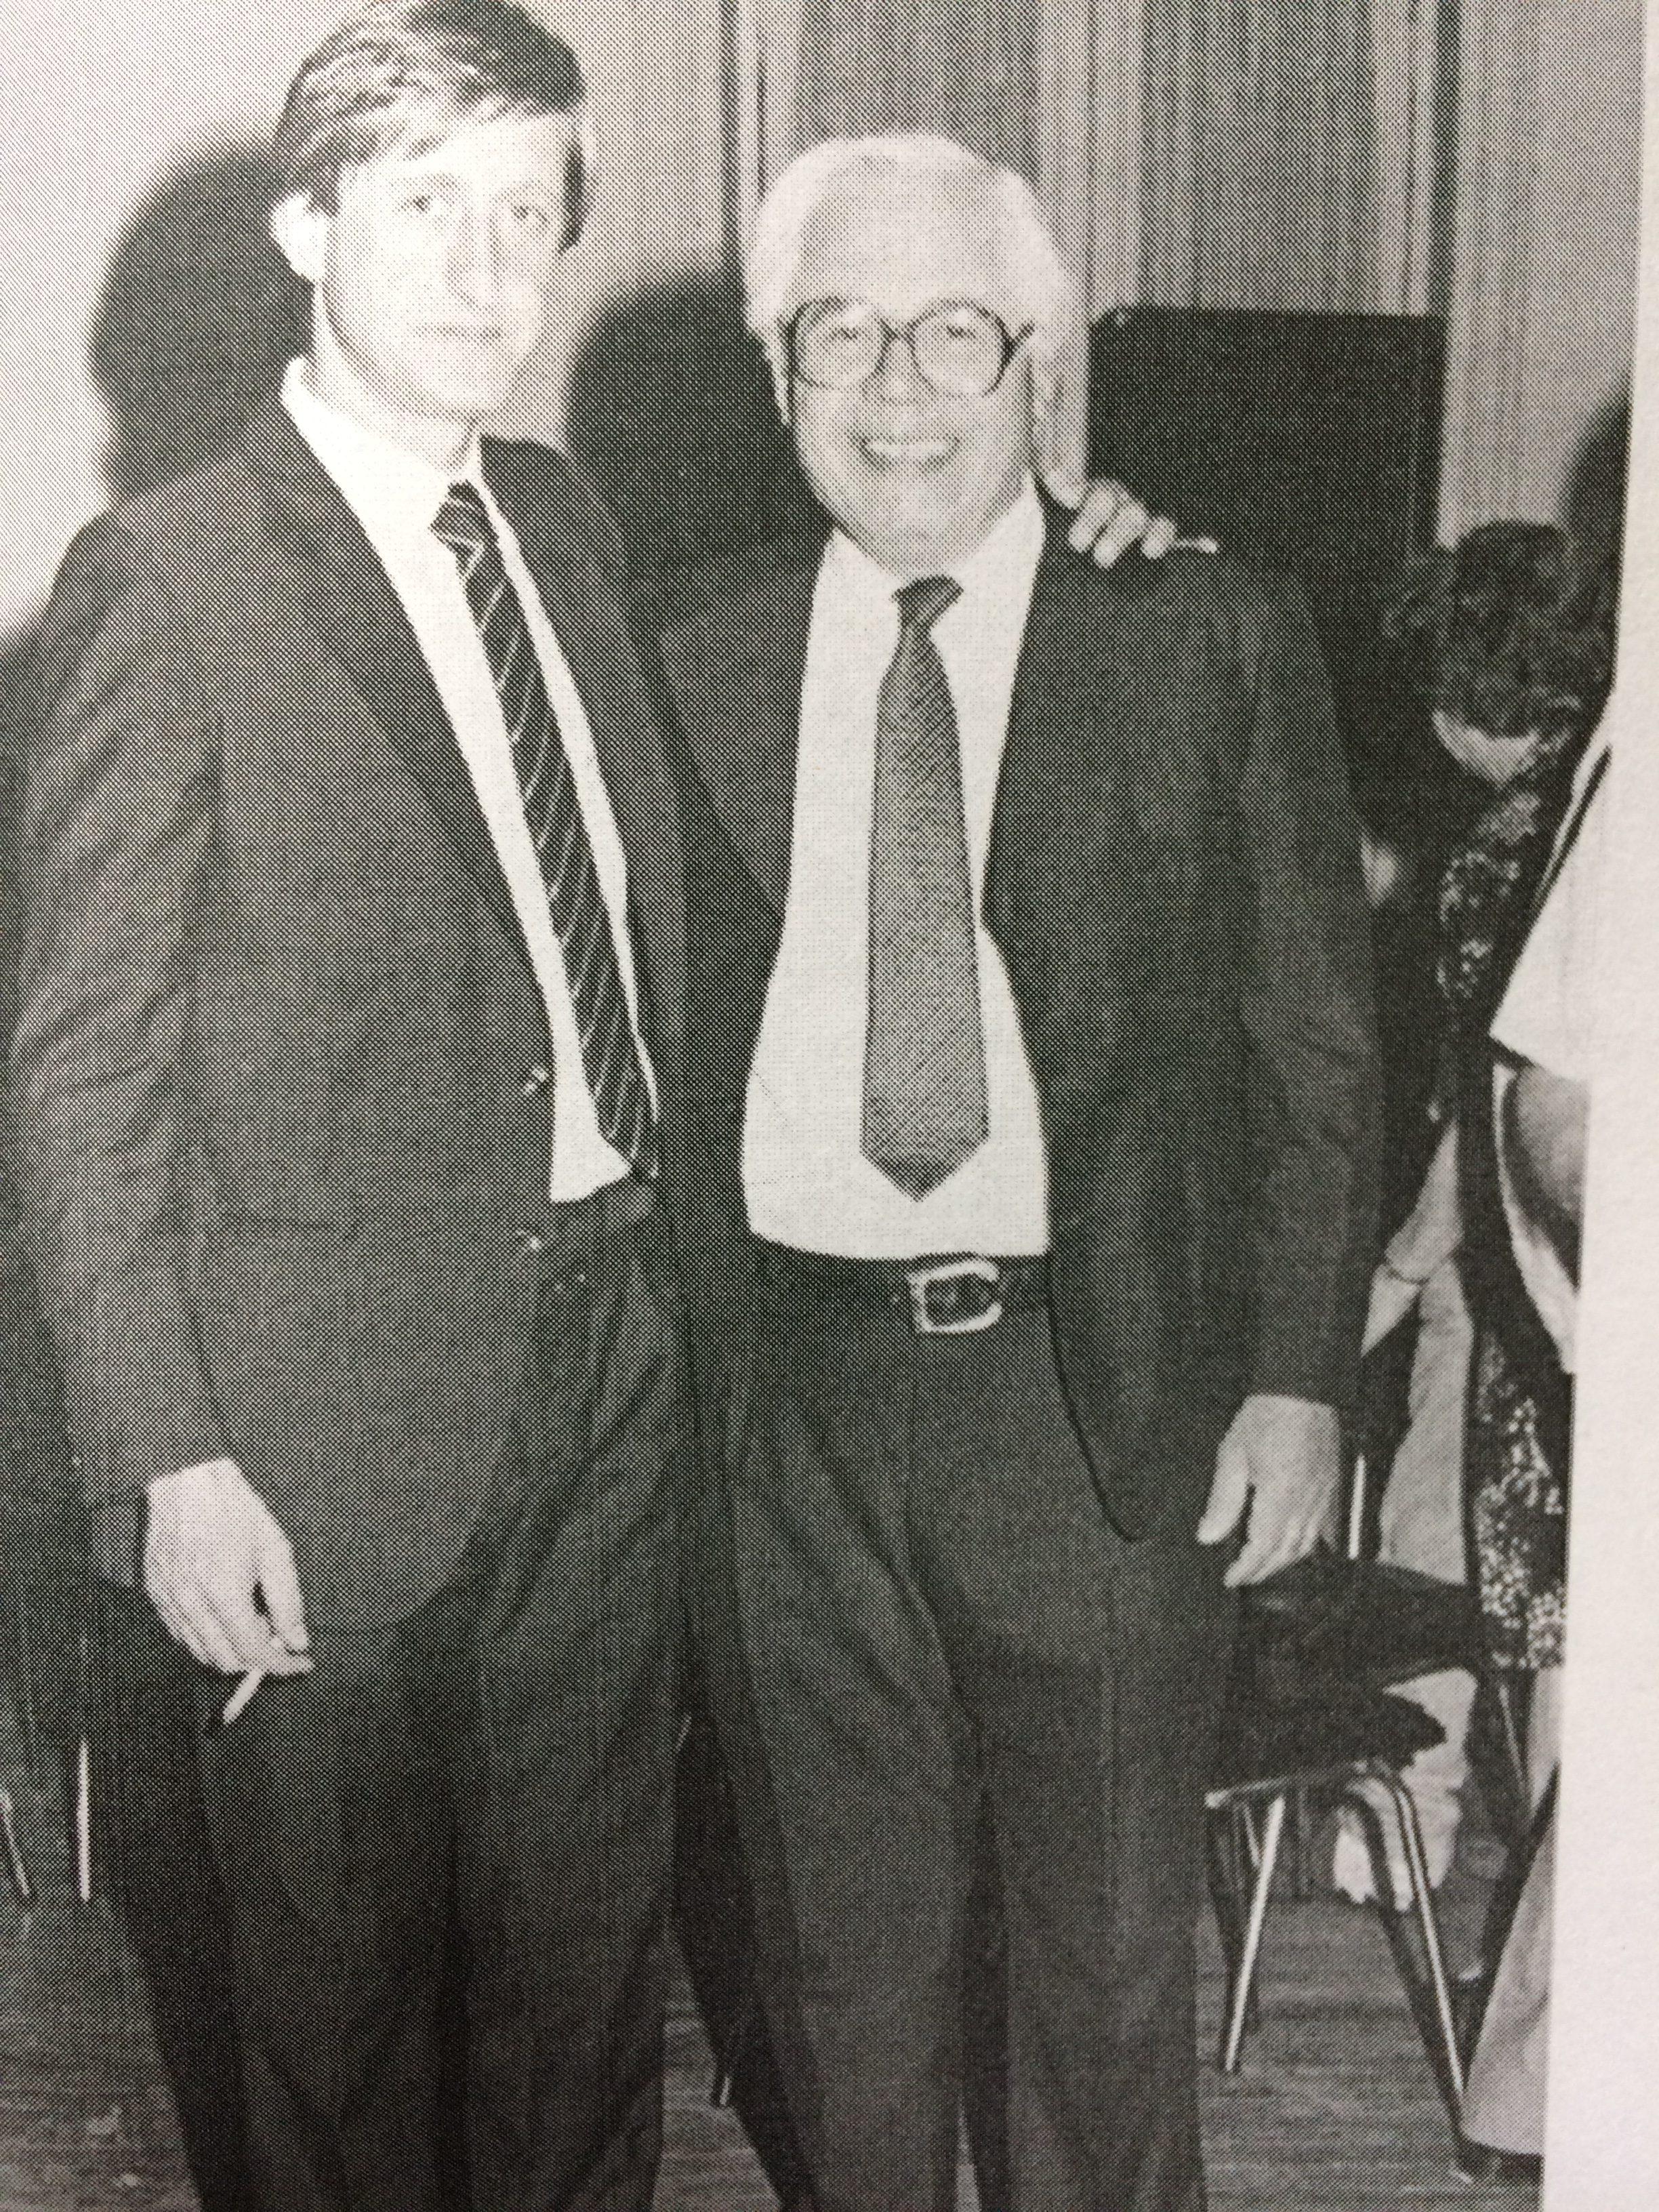 Edgar Ángel Frígoli, junto al Dr. Jorge Adalberto Juancorena, ex intendente municipal de Chivilcoy, entre 1987 y 1995.